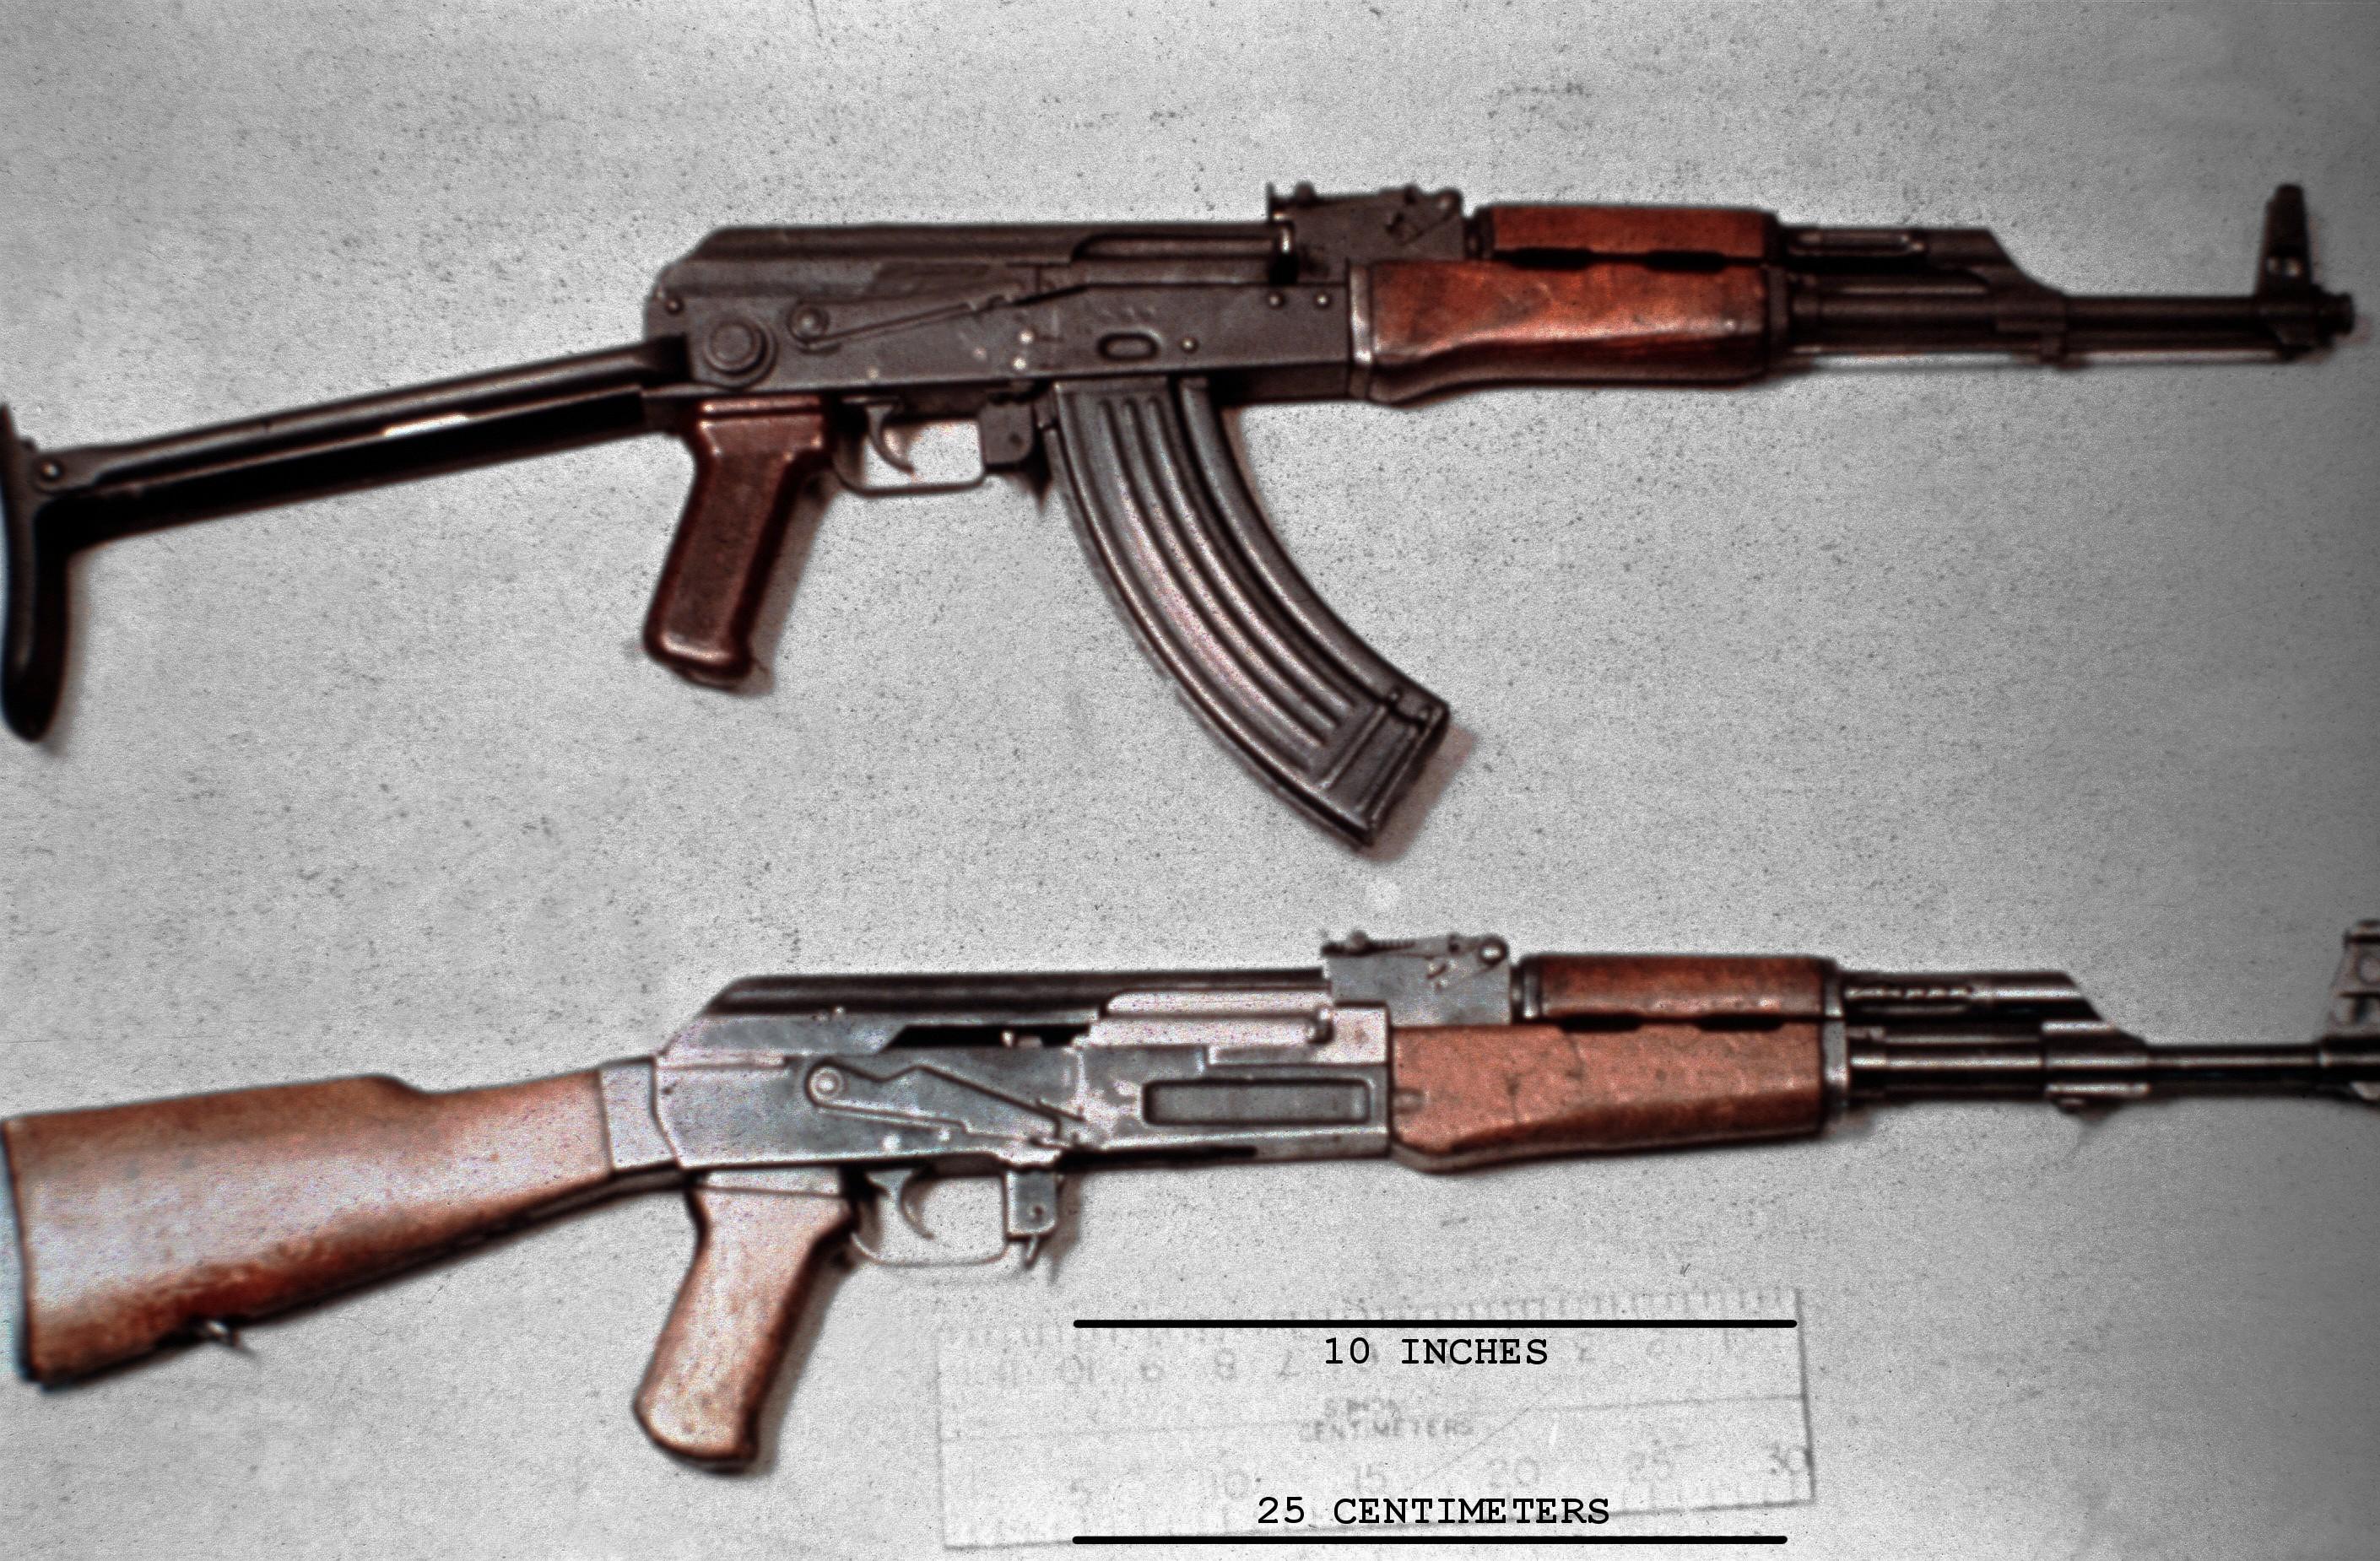 Andrew Ramirez AKMS_and_AK-47_DD-ST-85-01270